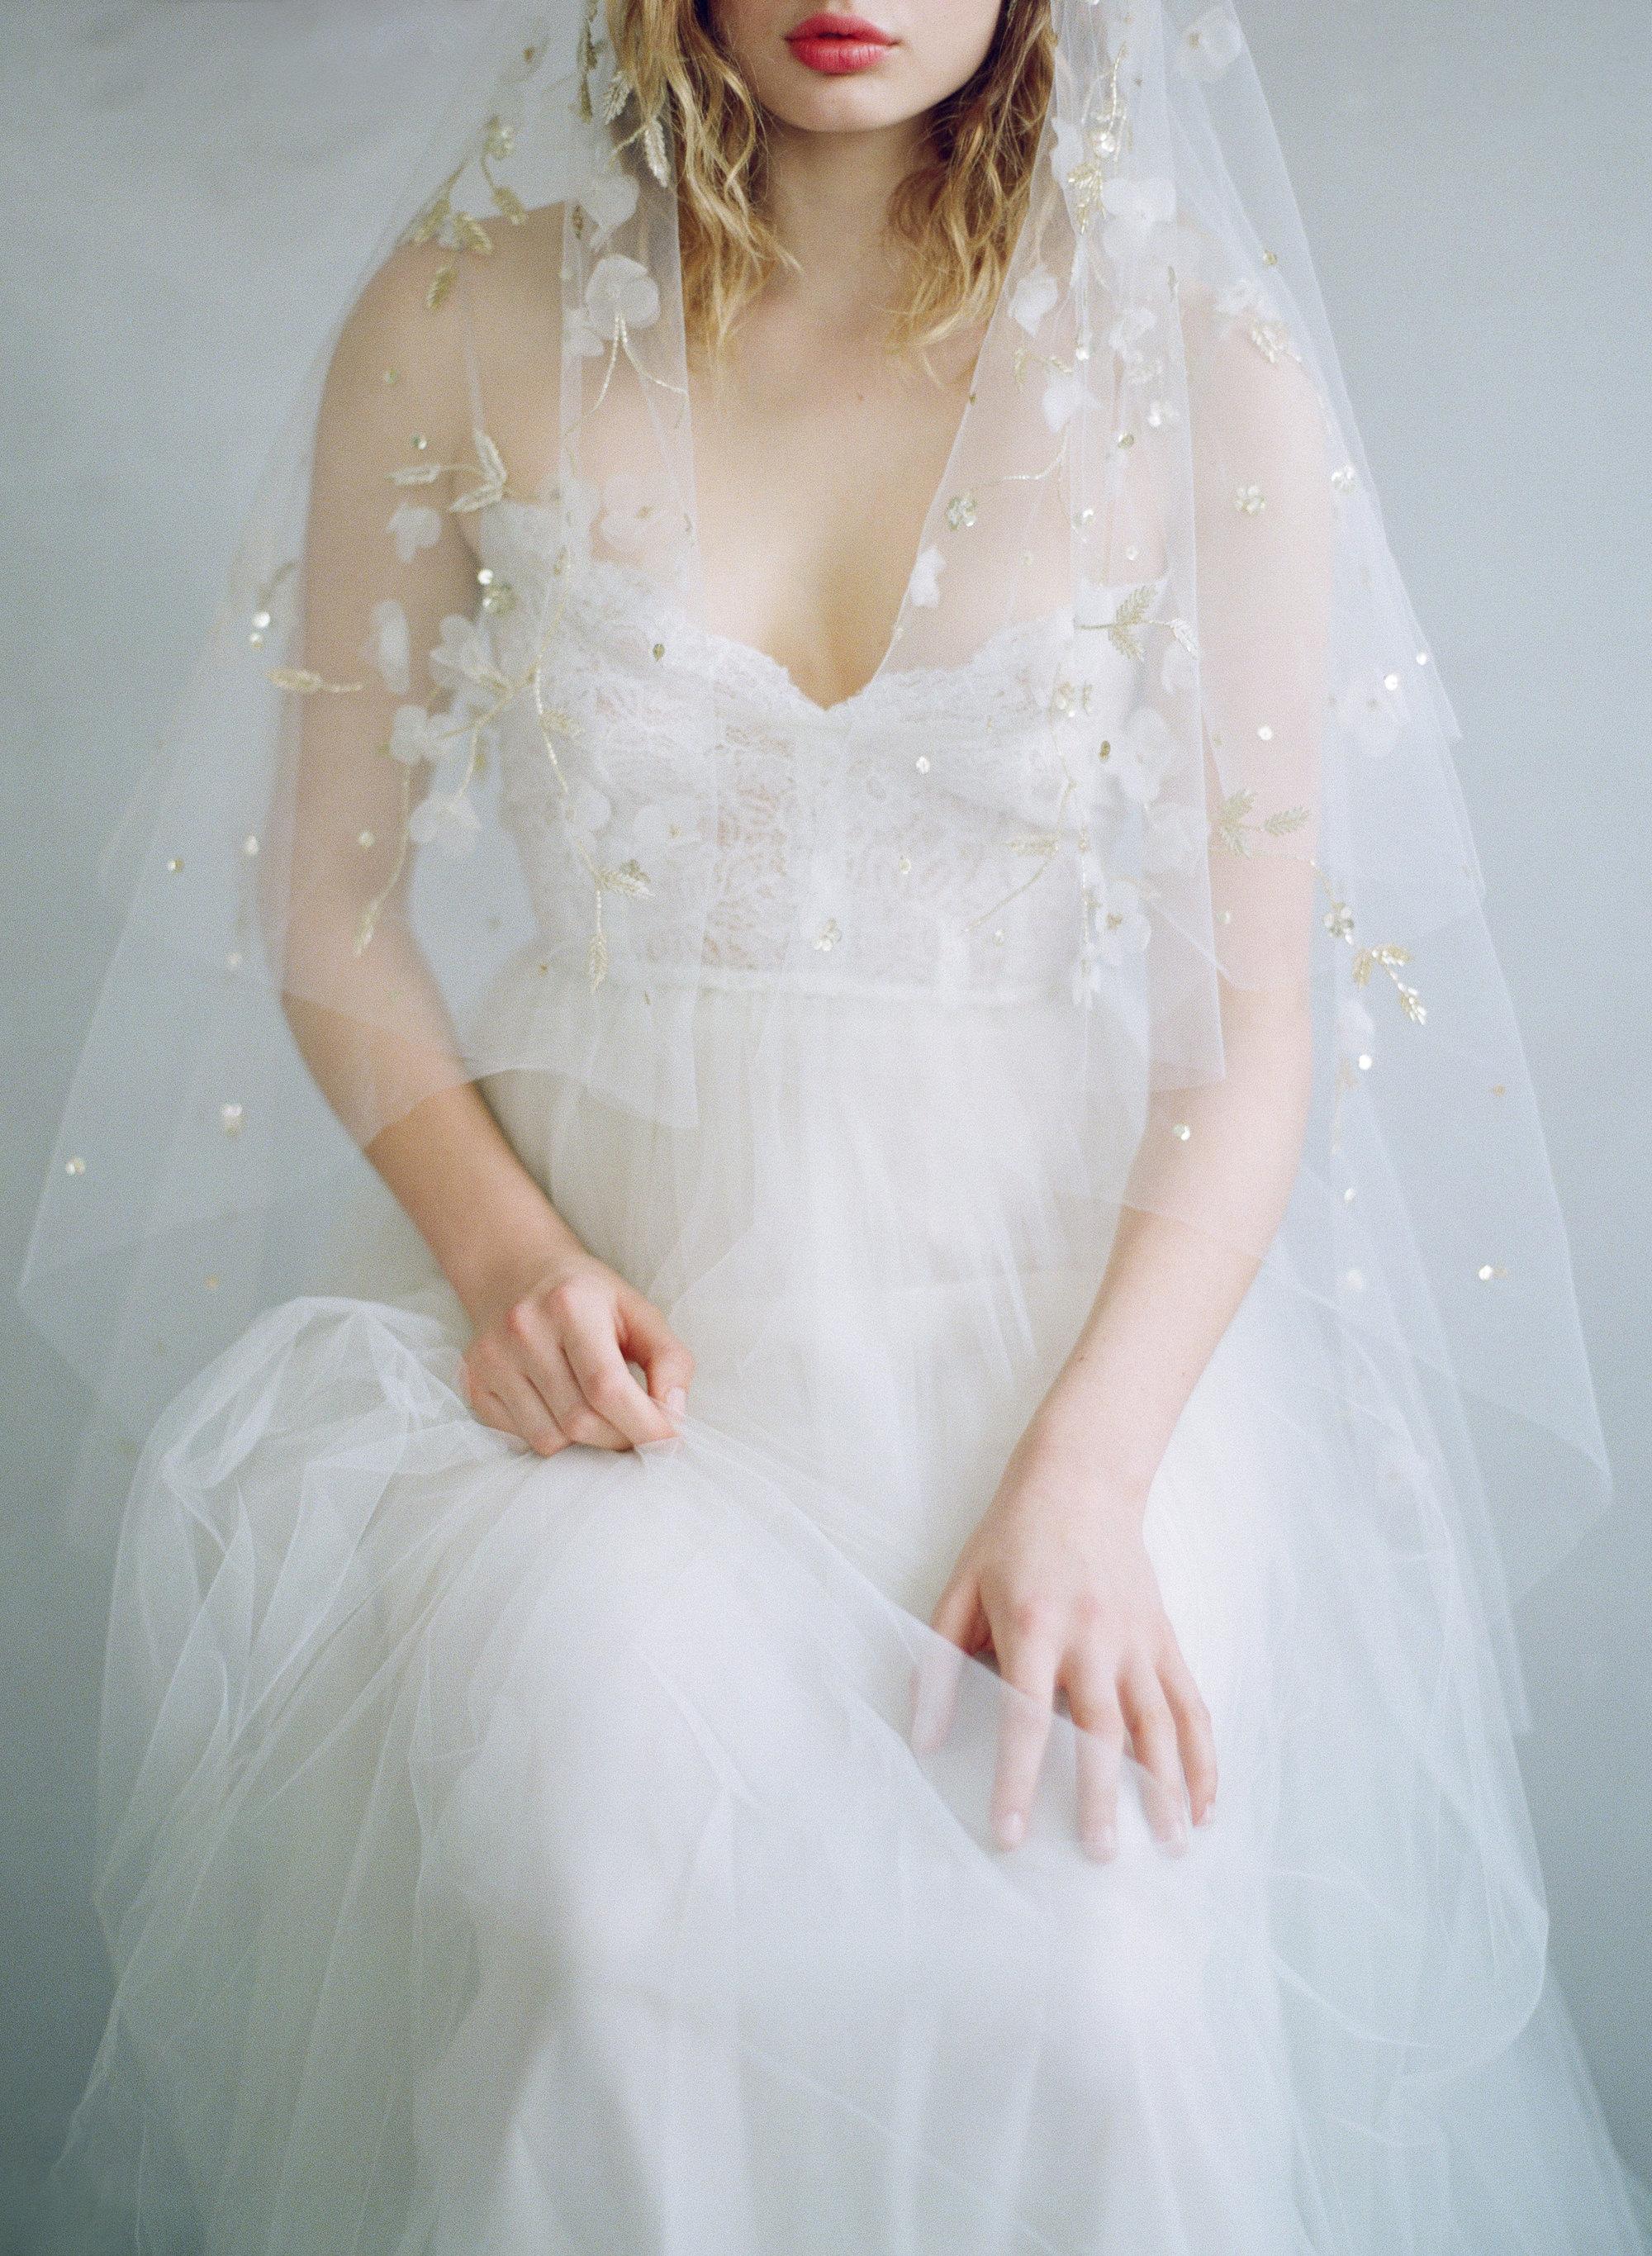 elizabeth-messina-los-angeles-wedding-photographer-001 photo by Elizabeth Messina